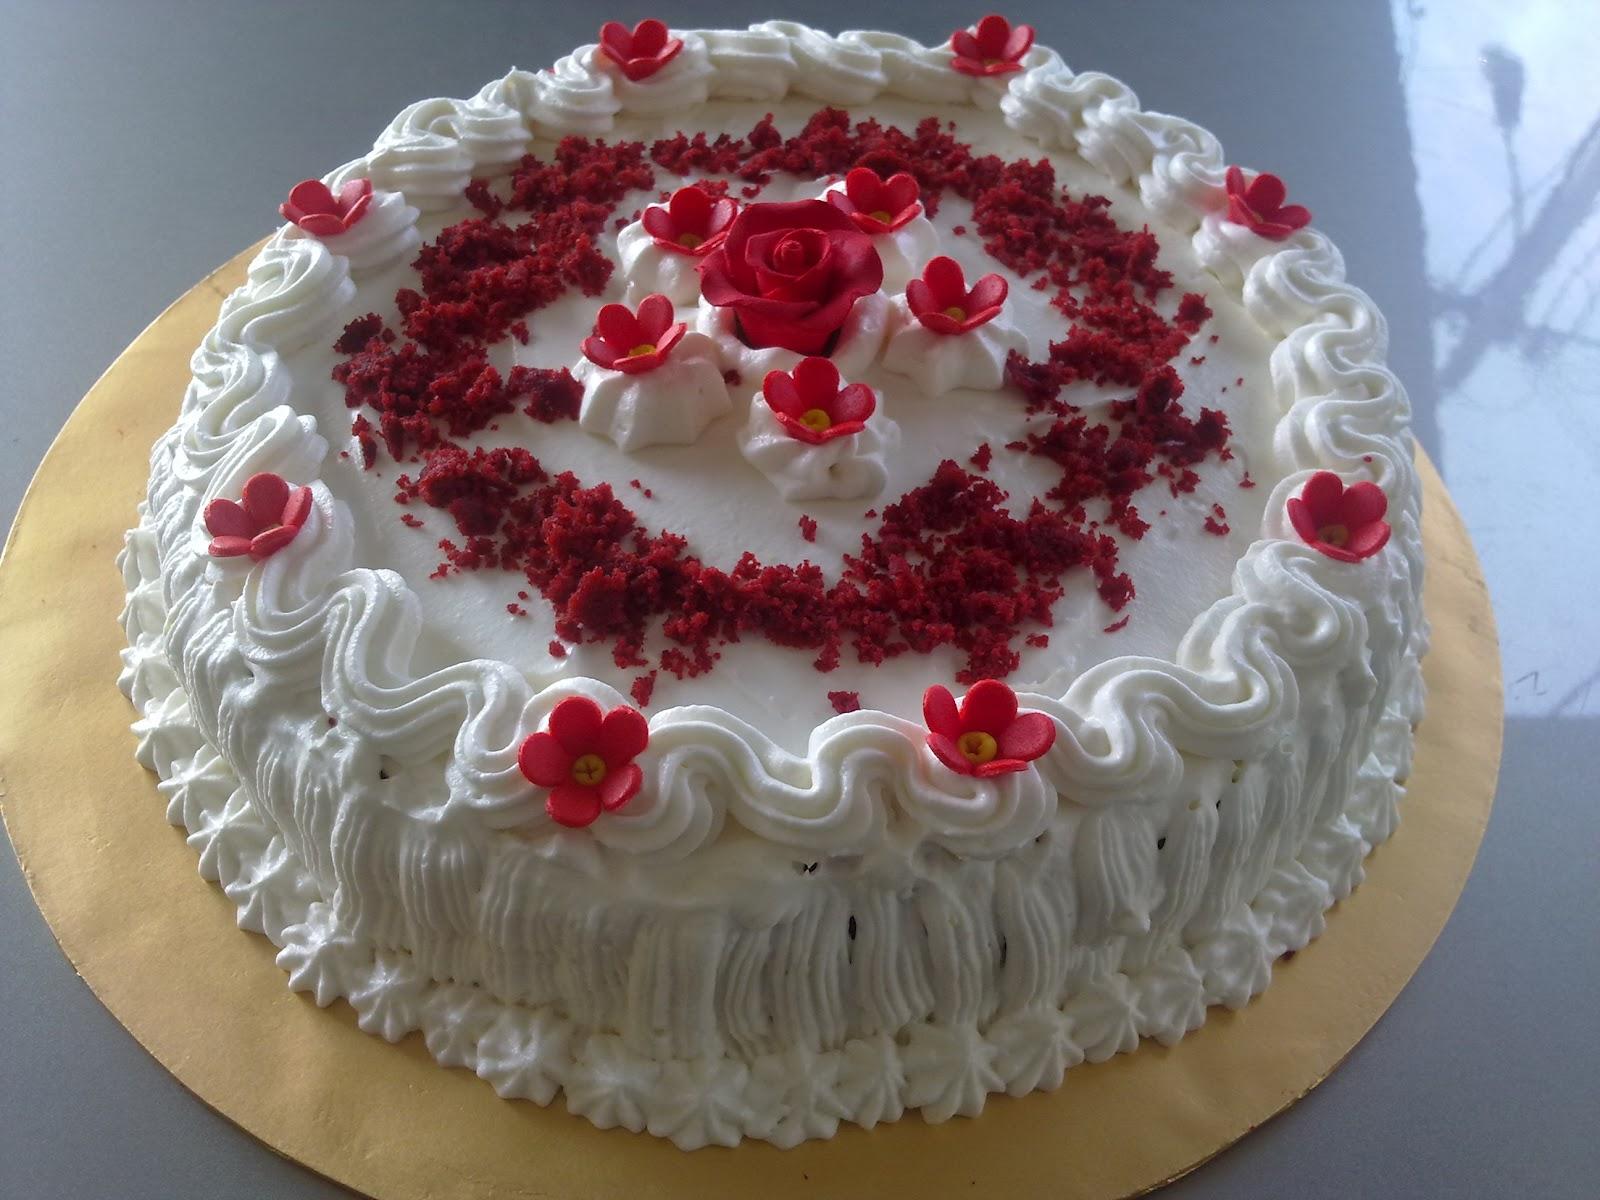 A Cake Story: Red Velvet Cake Decoration